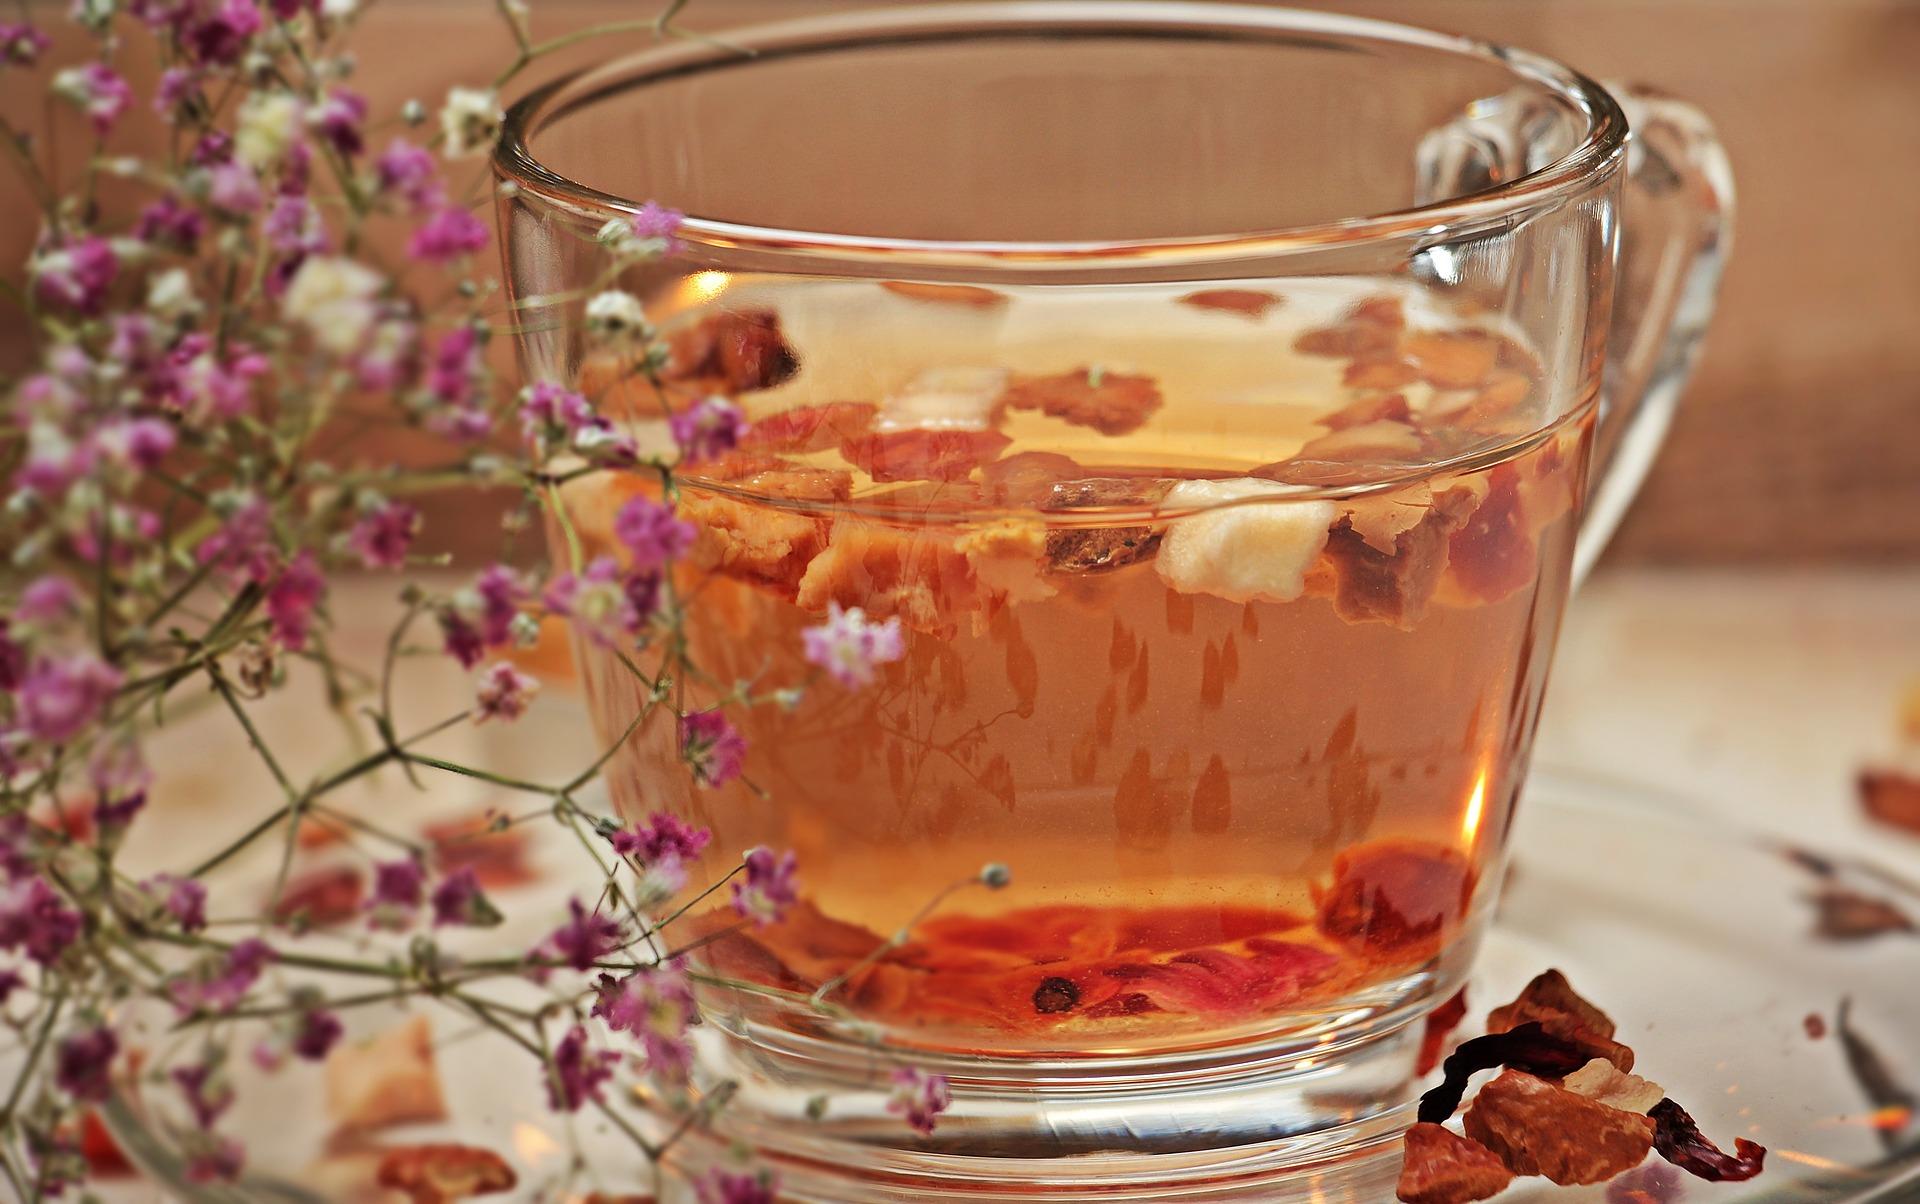 Come pulire le macchie di tè fresche sulla tovaglia colorata